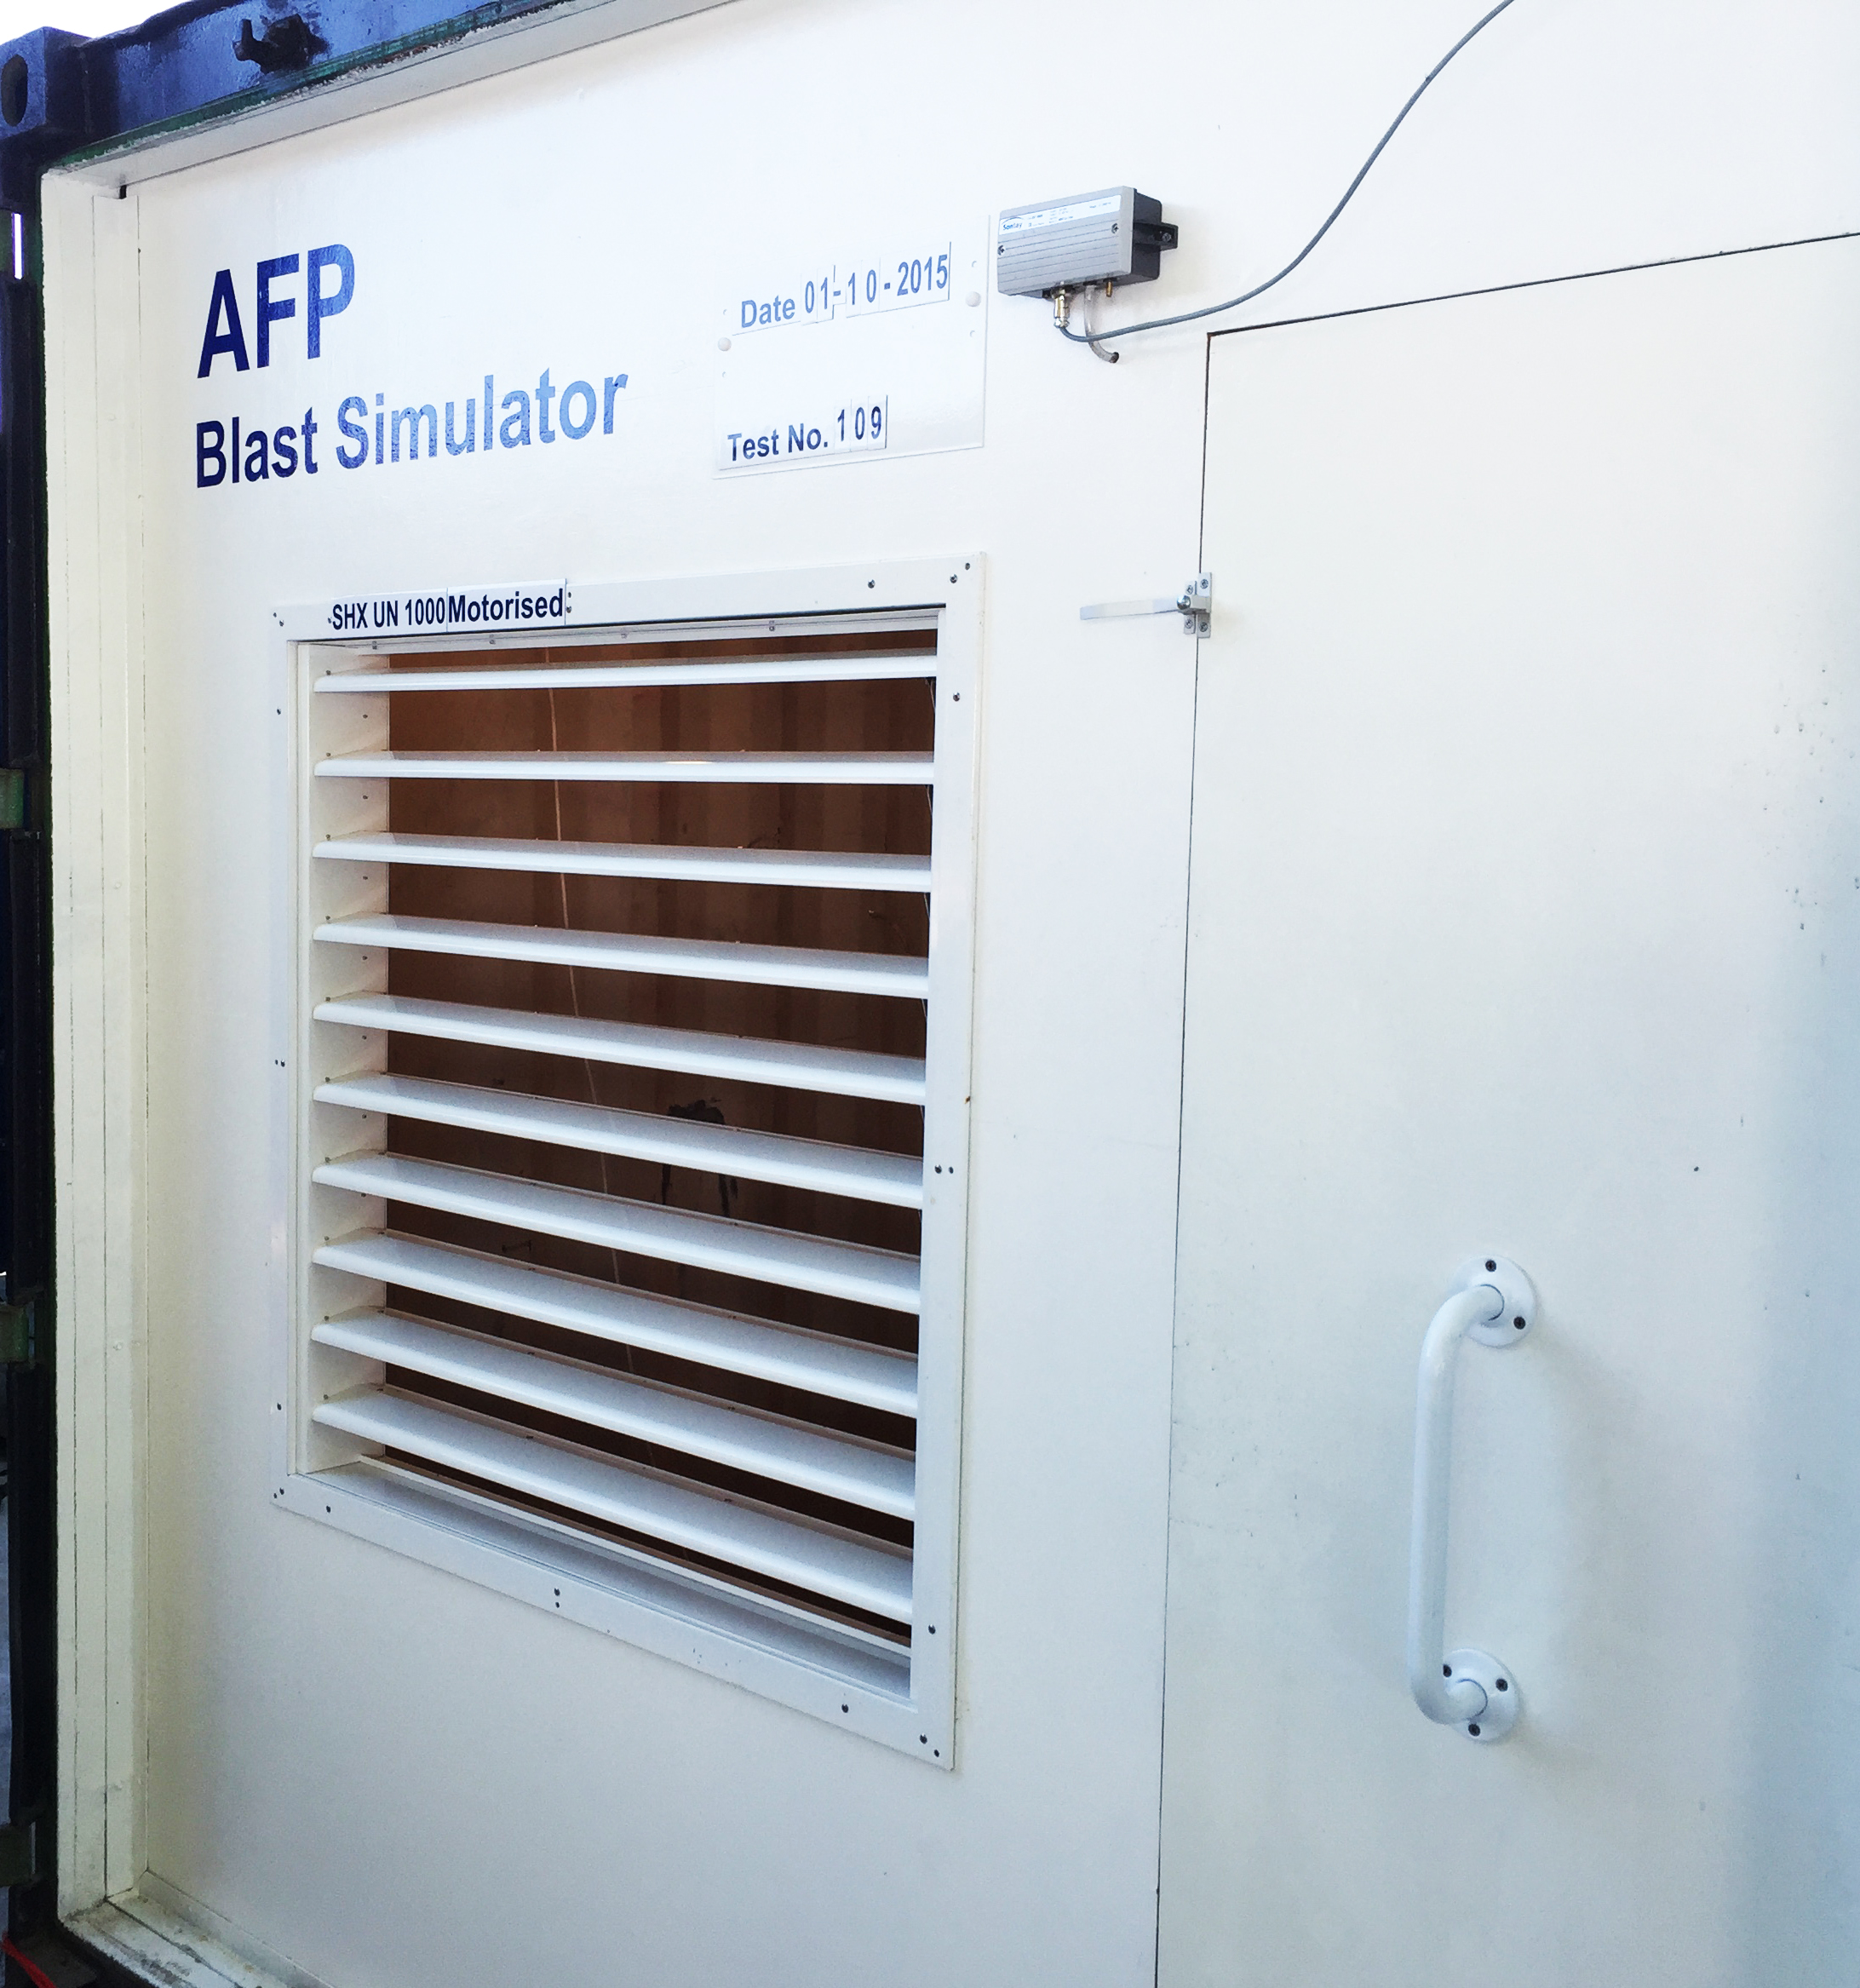 AFP Blast Simulator SHX-UN